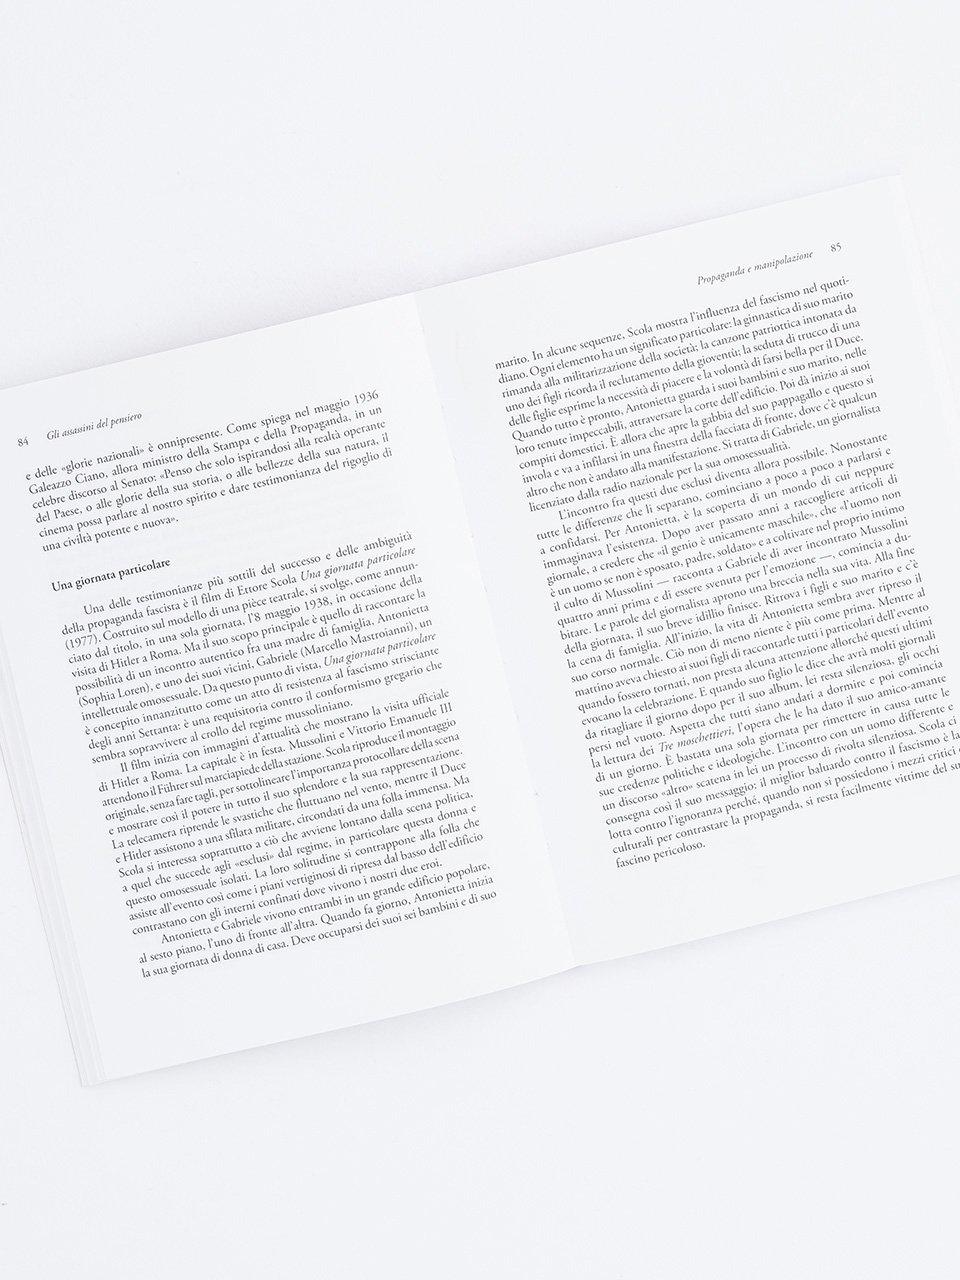 Gli assassini del pensiero - Libri - Erickson 2